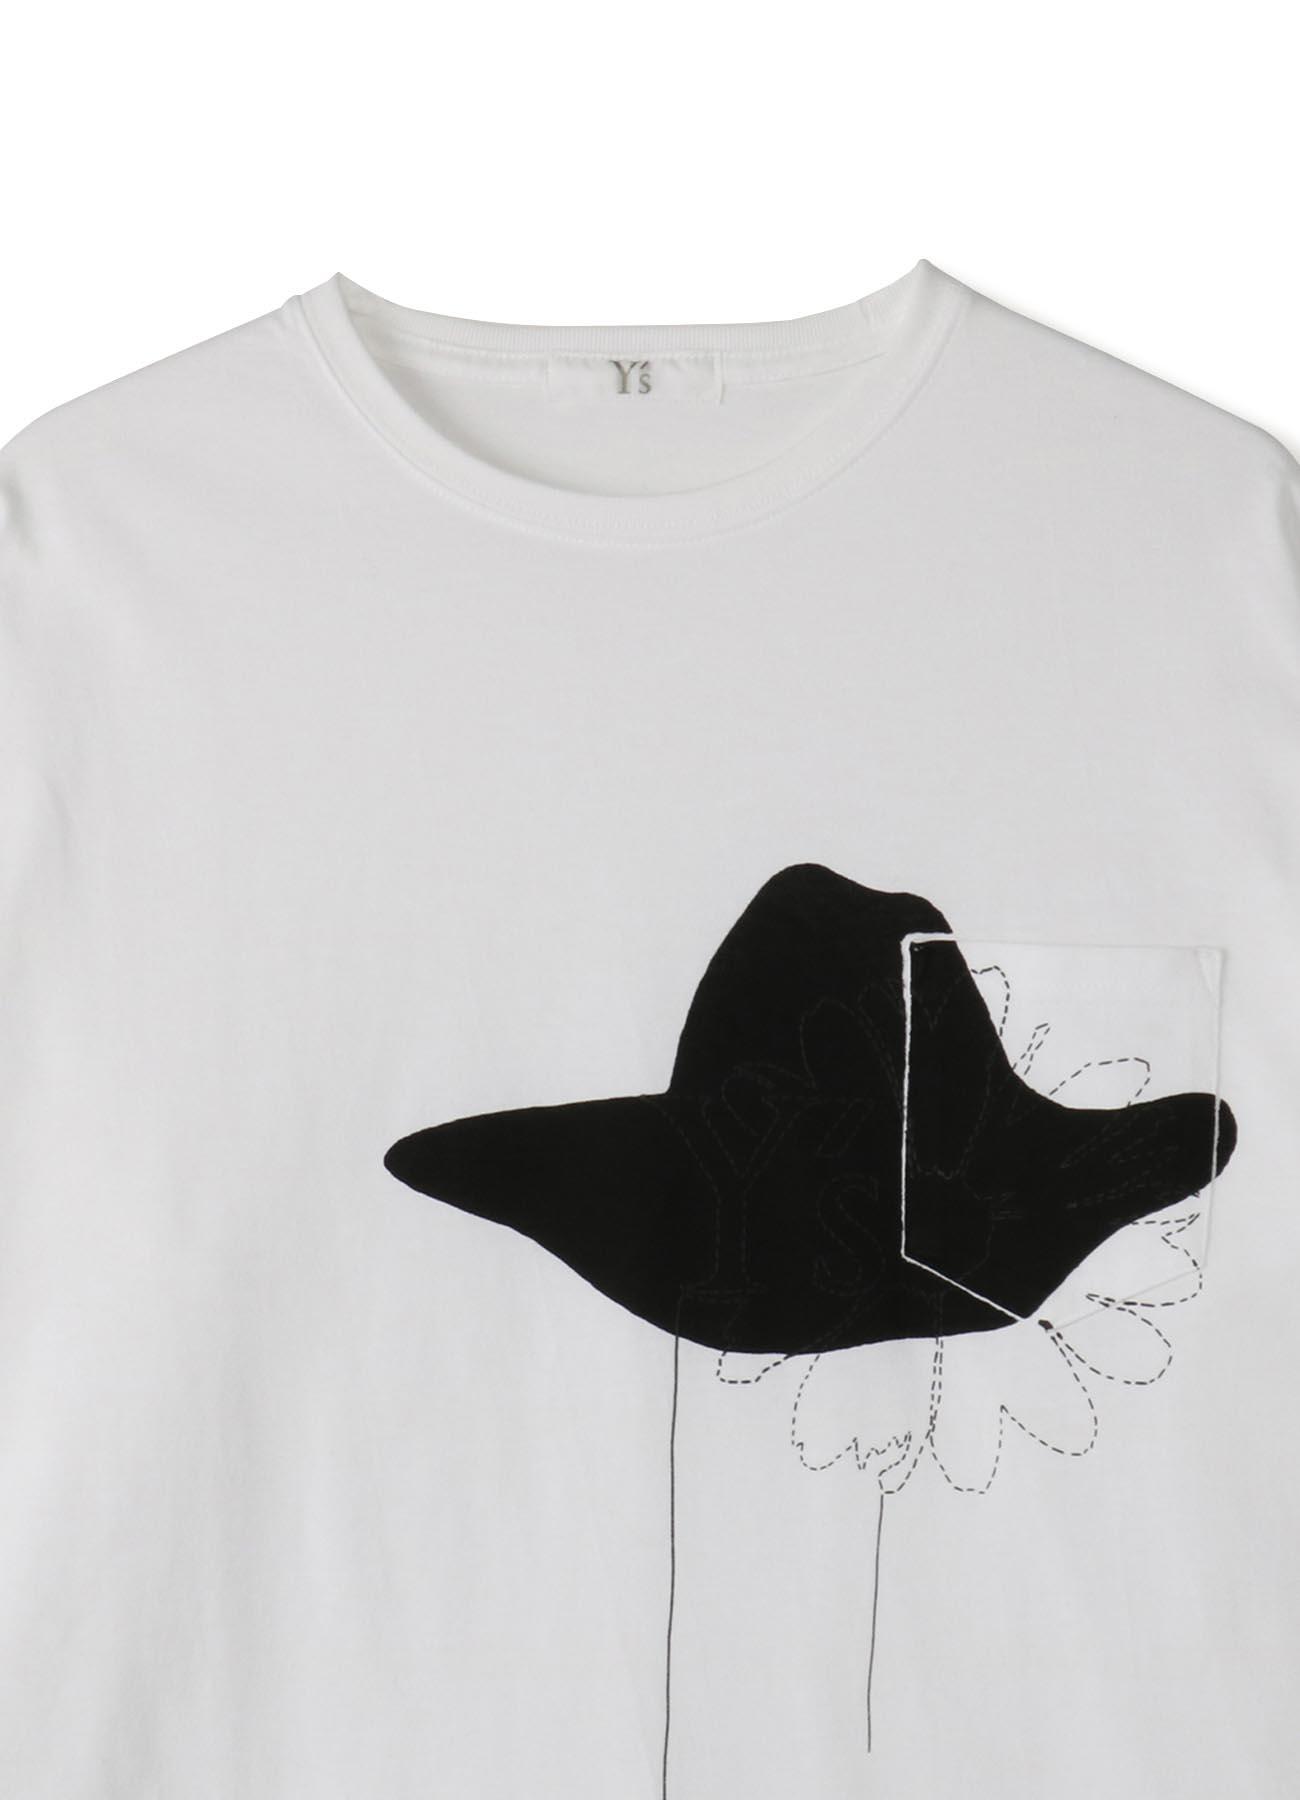 -Online EXCLUSIVE- Y's Flour T-shirt